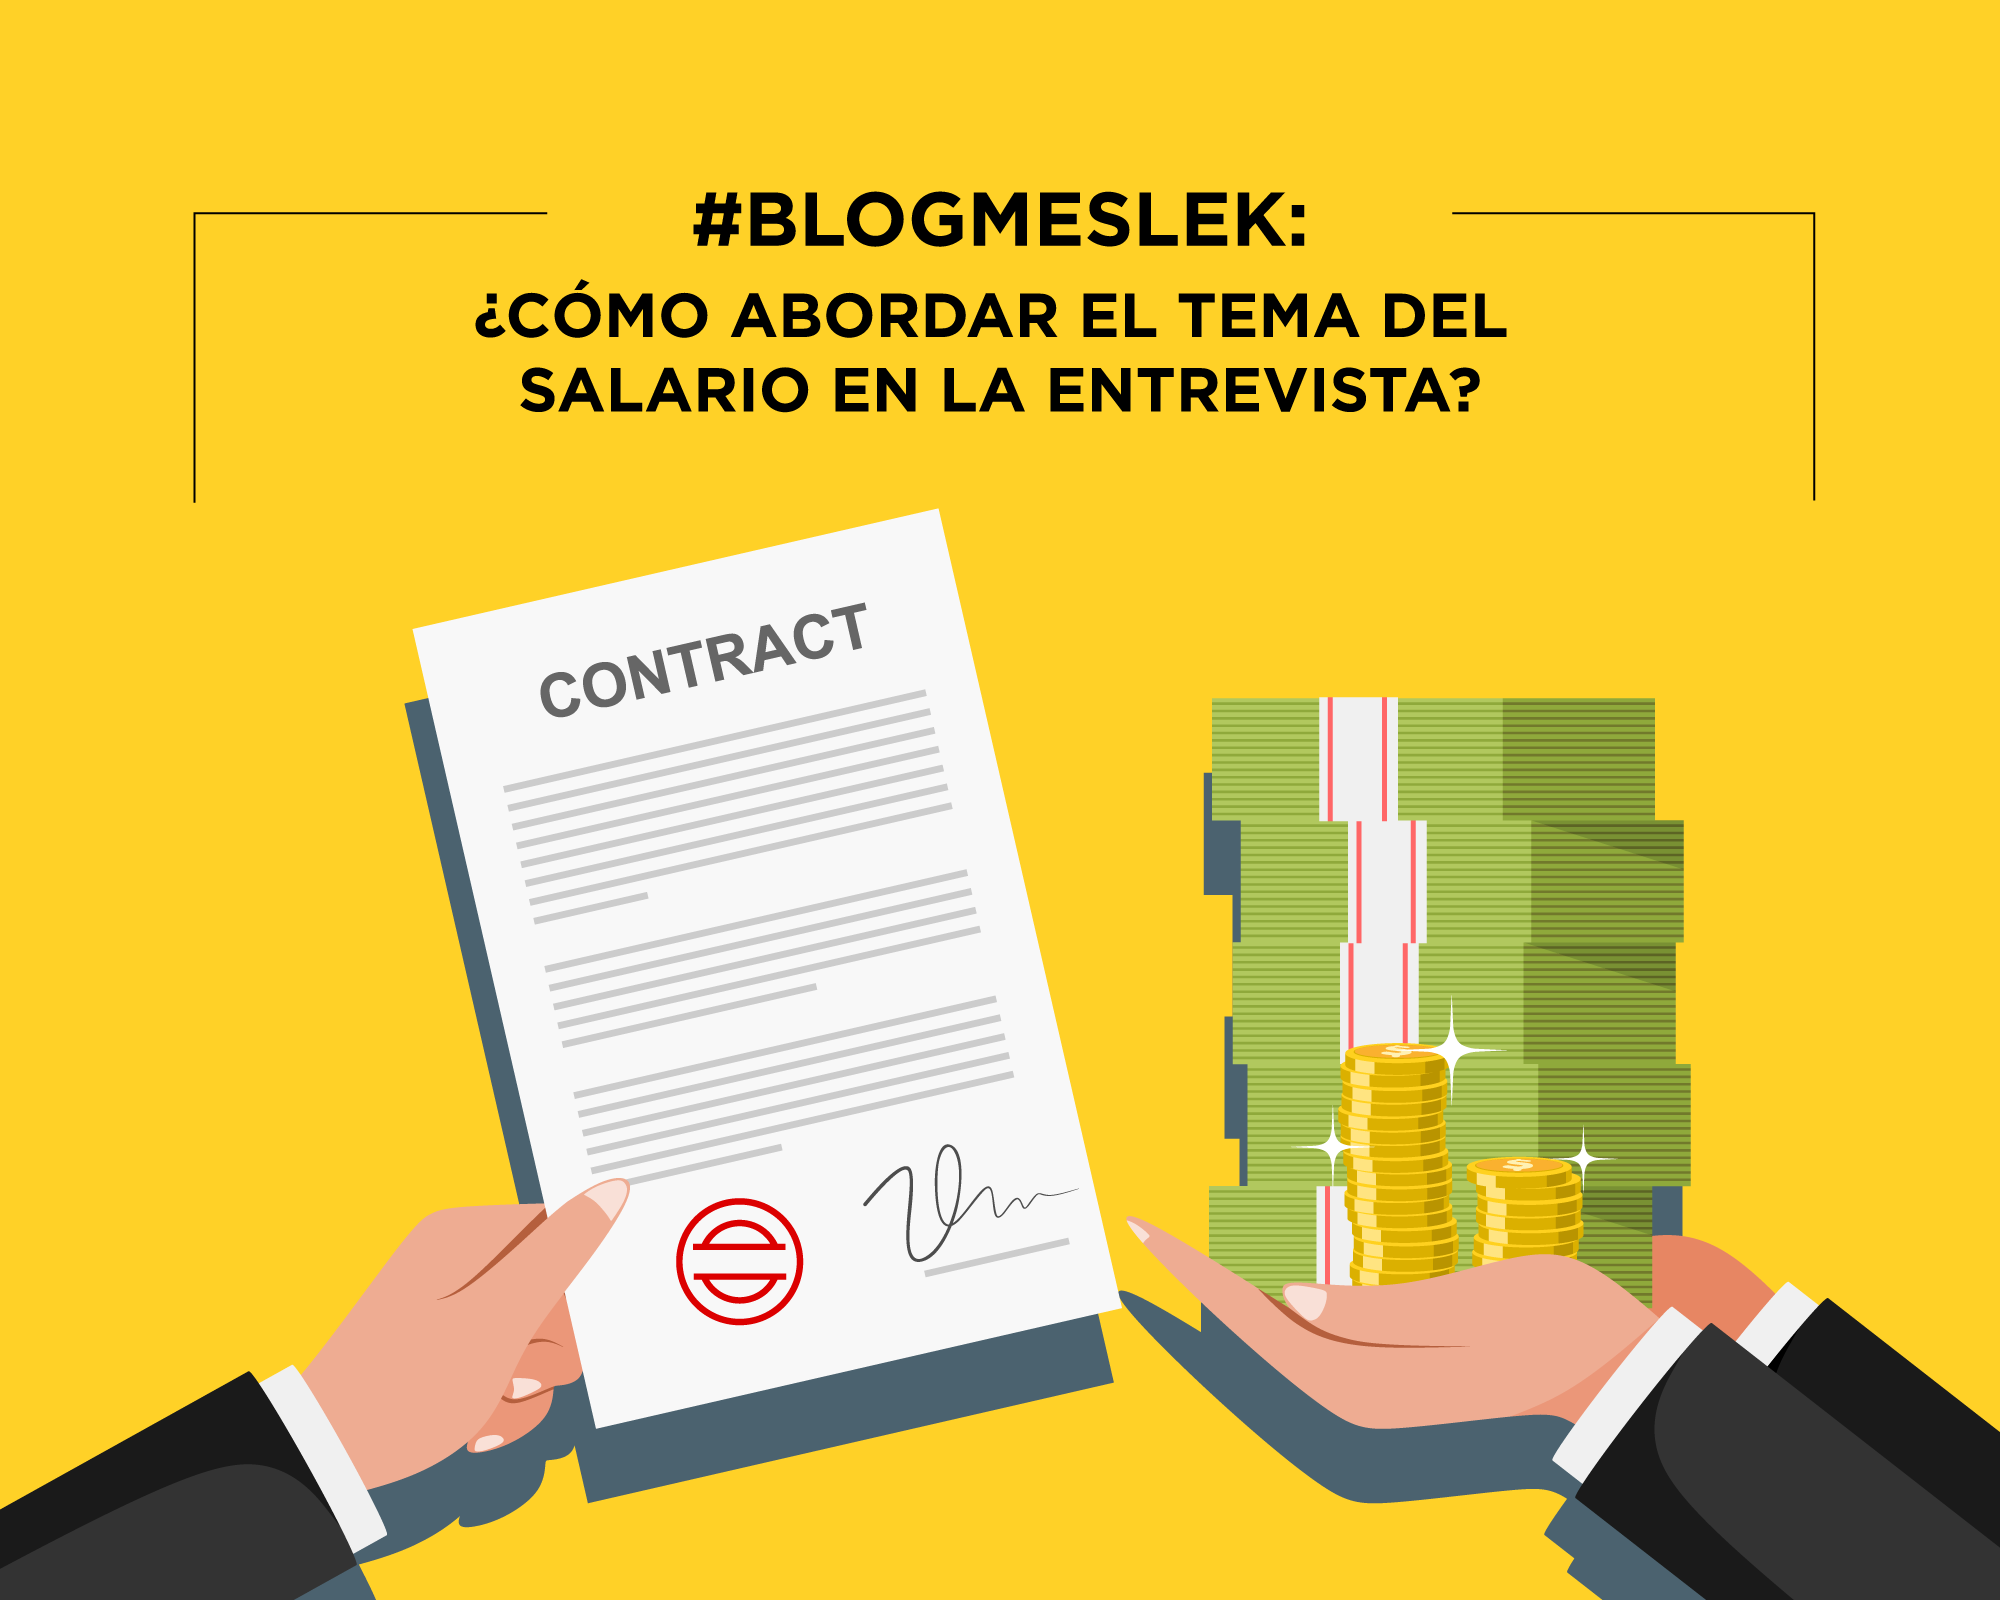 #BlogMeslek: ¿Cómo abordar el tema del salario en la entrevista?